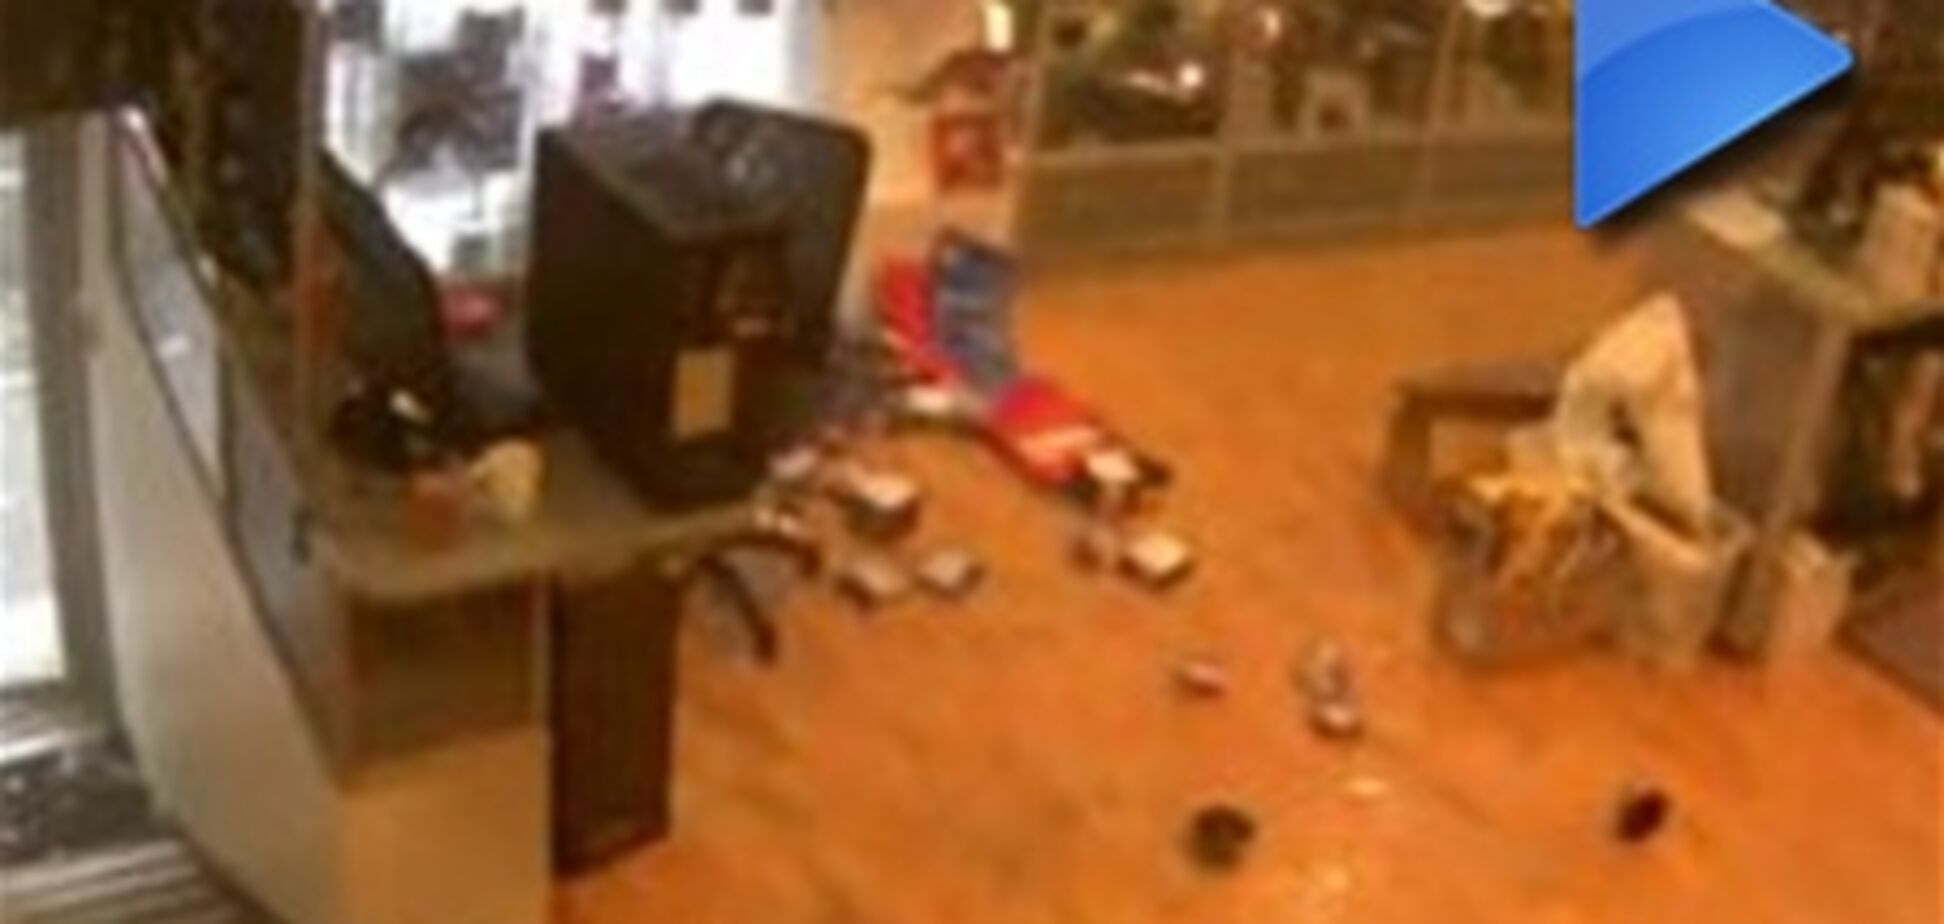 ОБОЗ.TV: взрыв в Осло 22 июля